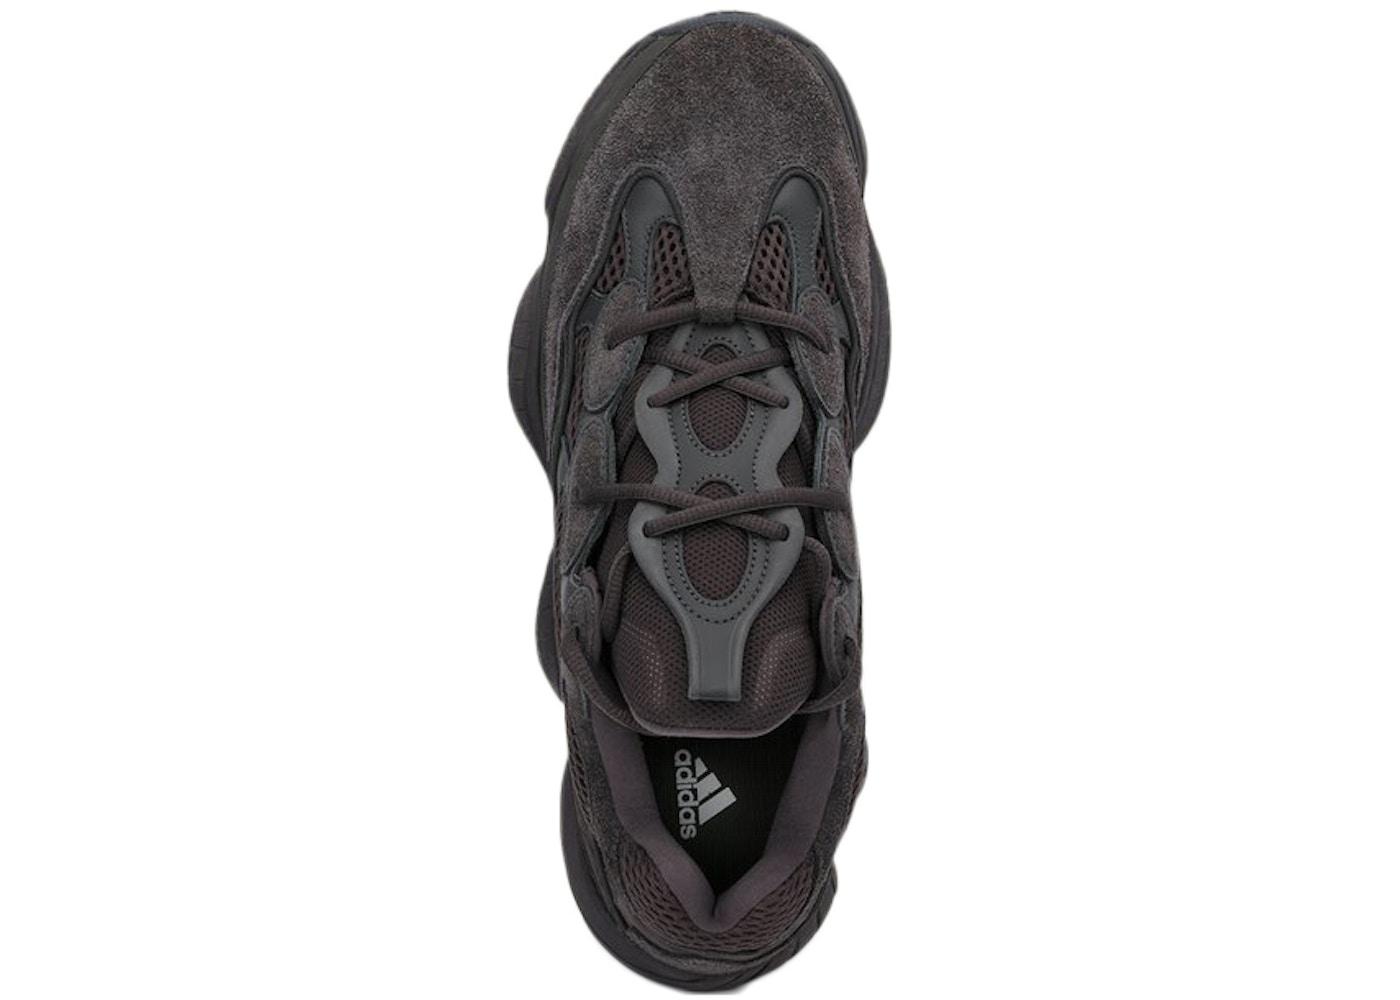 size 40 696c7 b0045 adidas Yeezy 500 Shadow Black (Friends & Family)